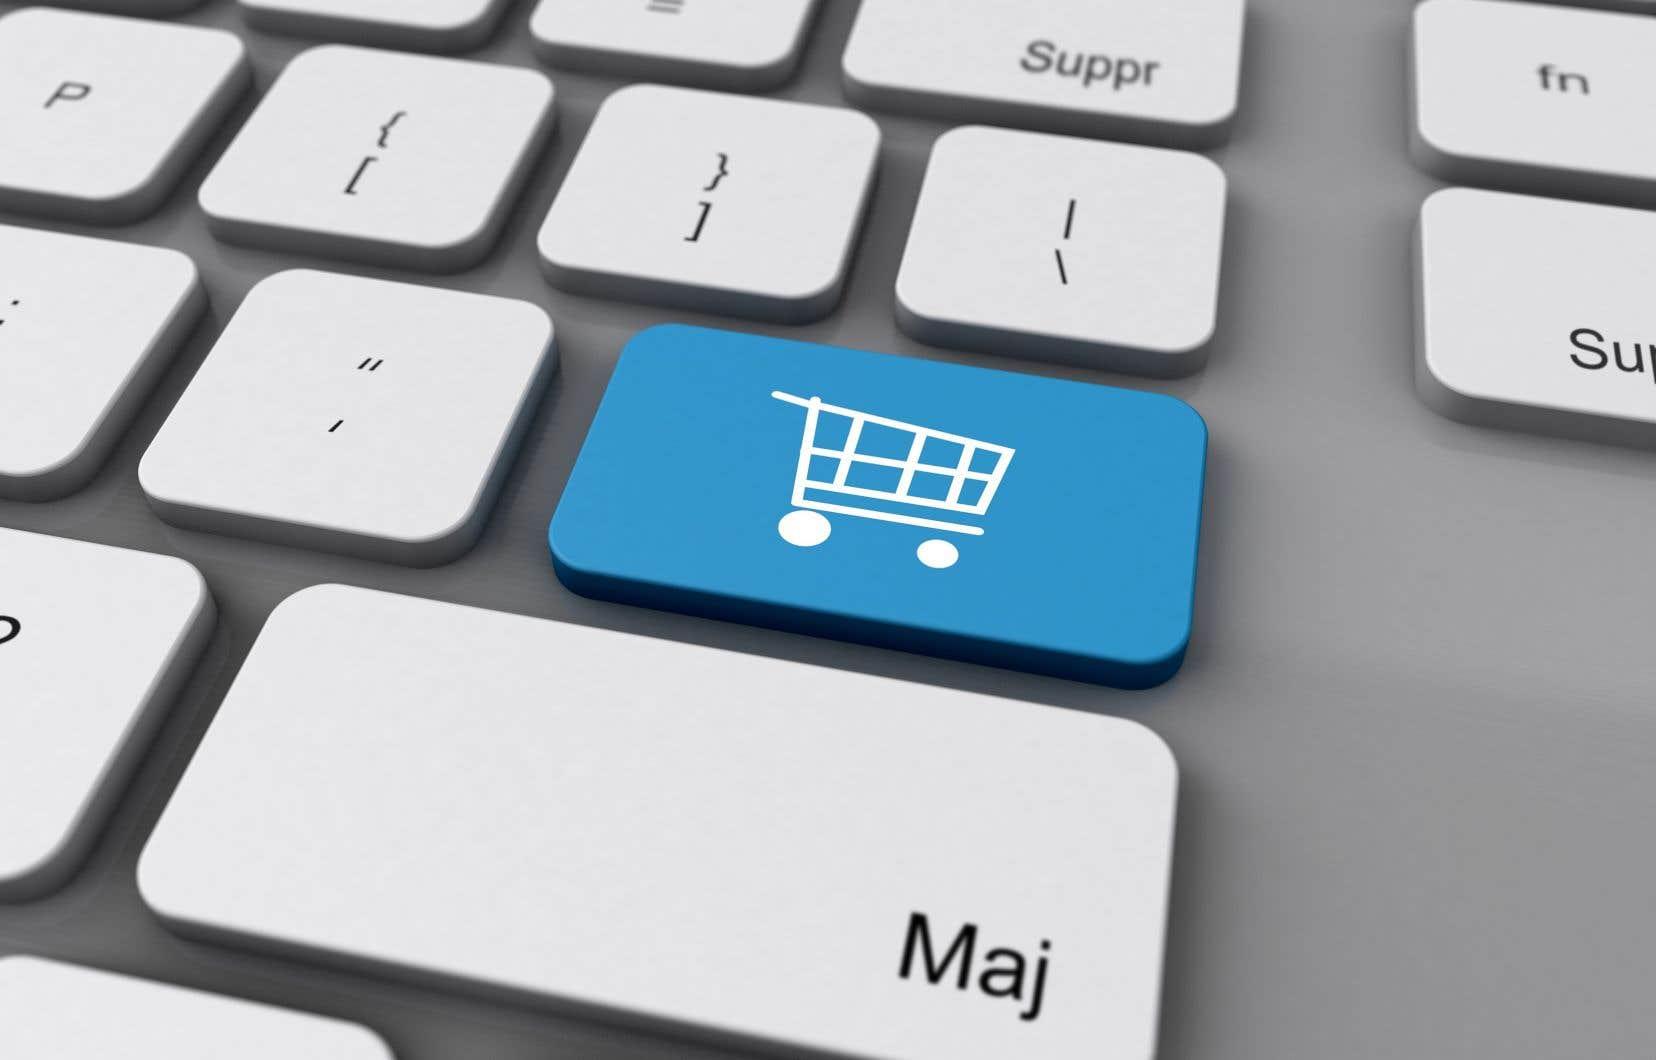 Ce n'est pas simple pour les entrepreneurs de se lancer dans le commerce en ligne. De nombreuses barrières restent à lever si l'on veut faire perdurer la vague d'achat local.